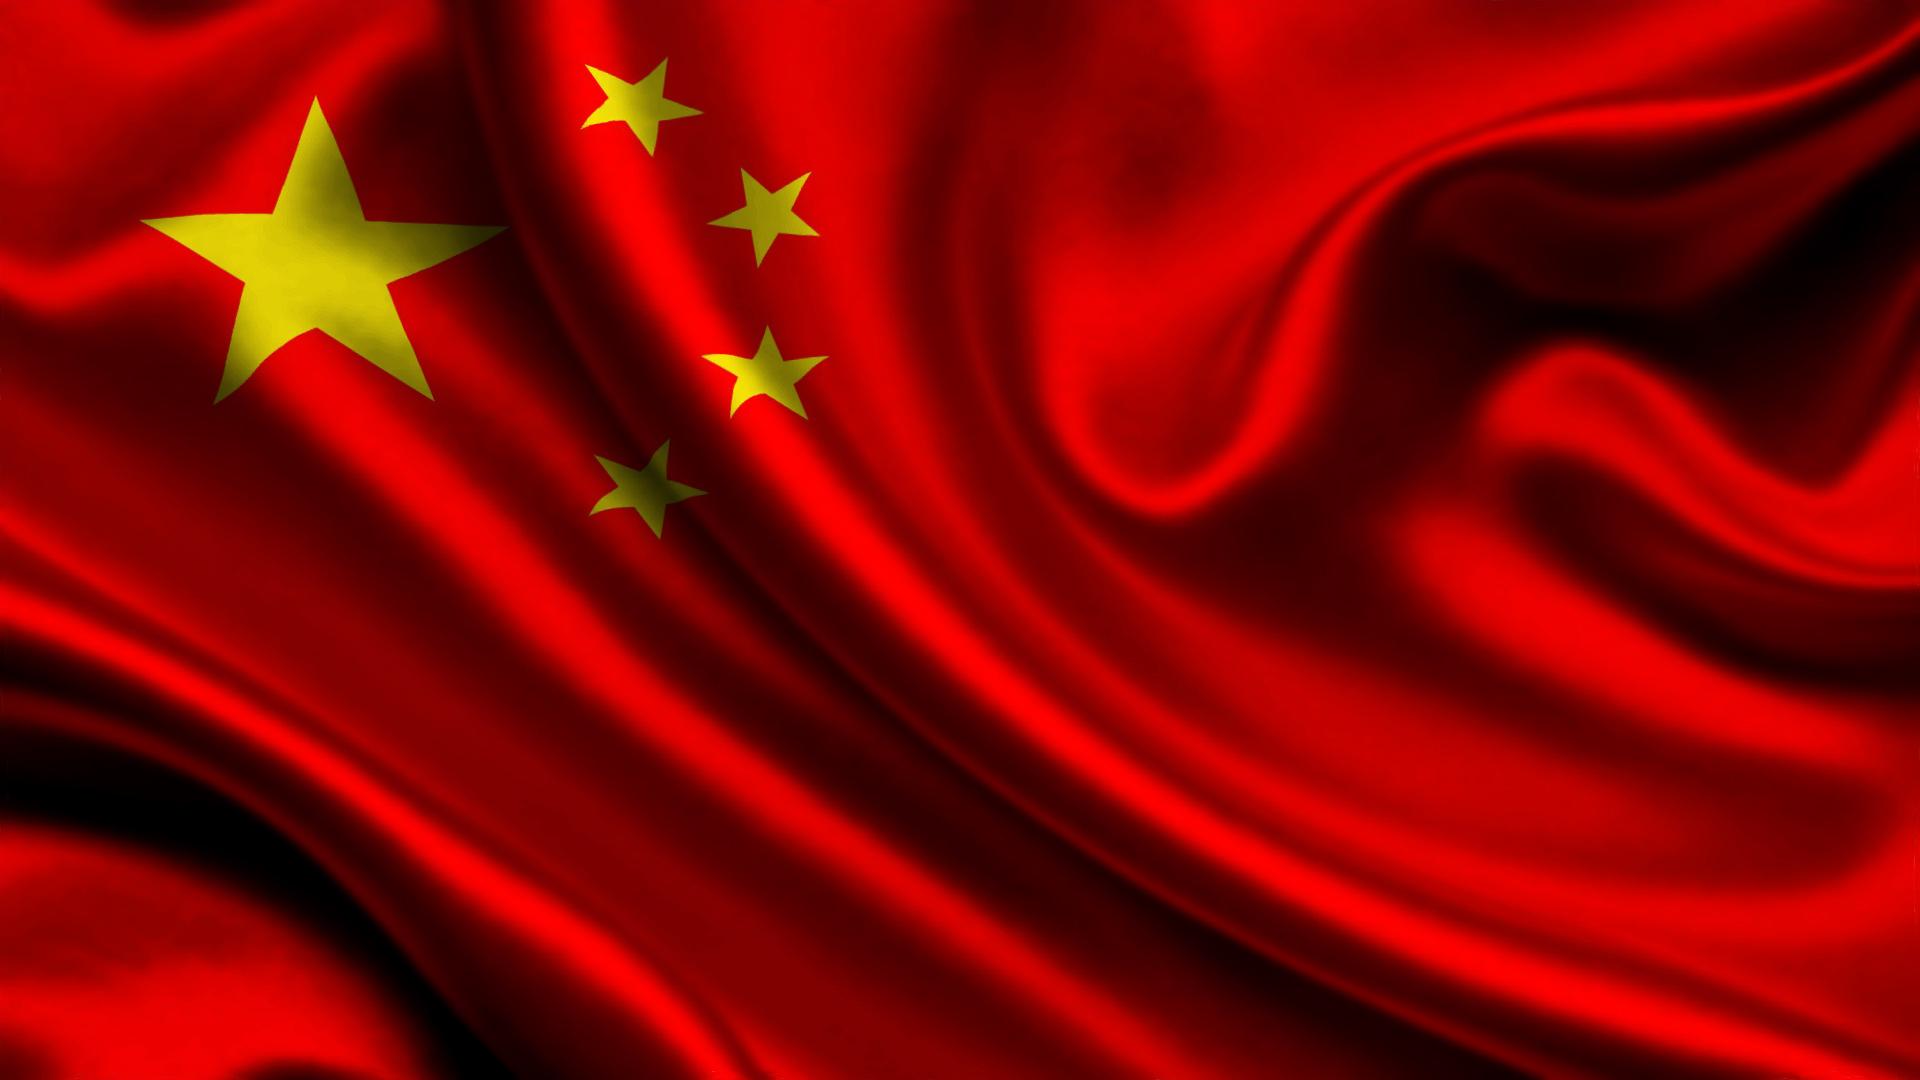 В Китае двух крупных чиновников поймали на взятке